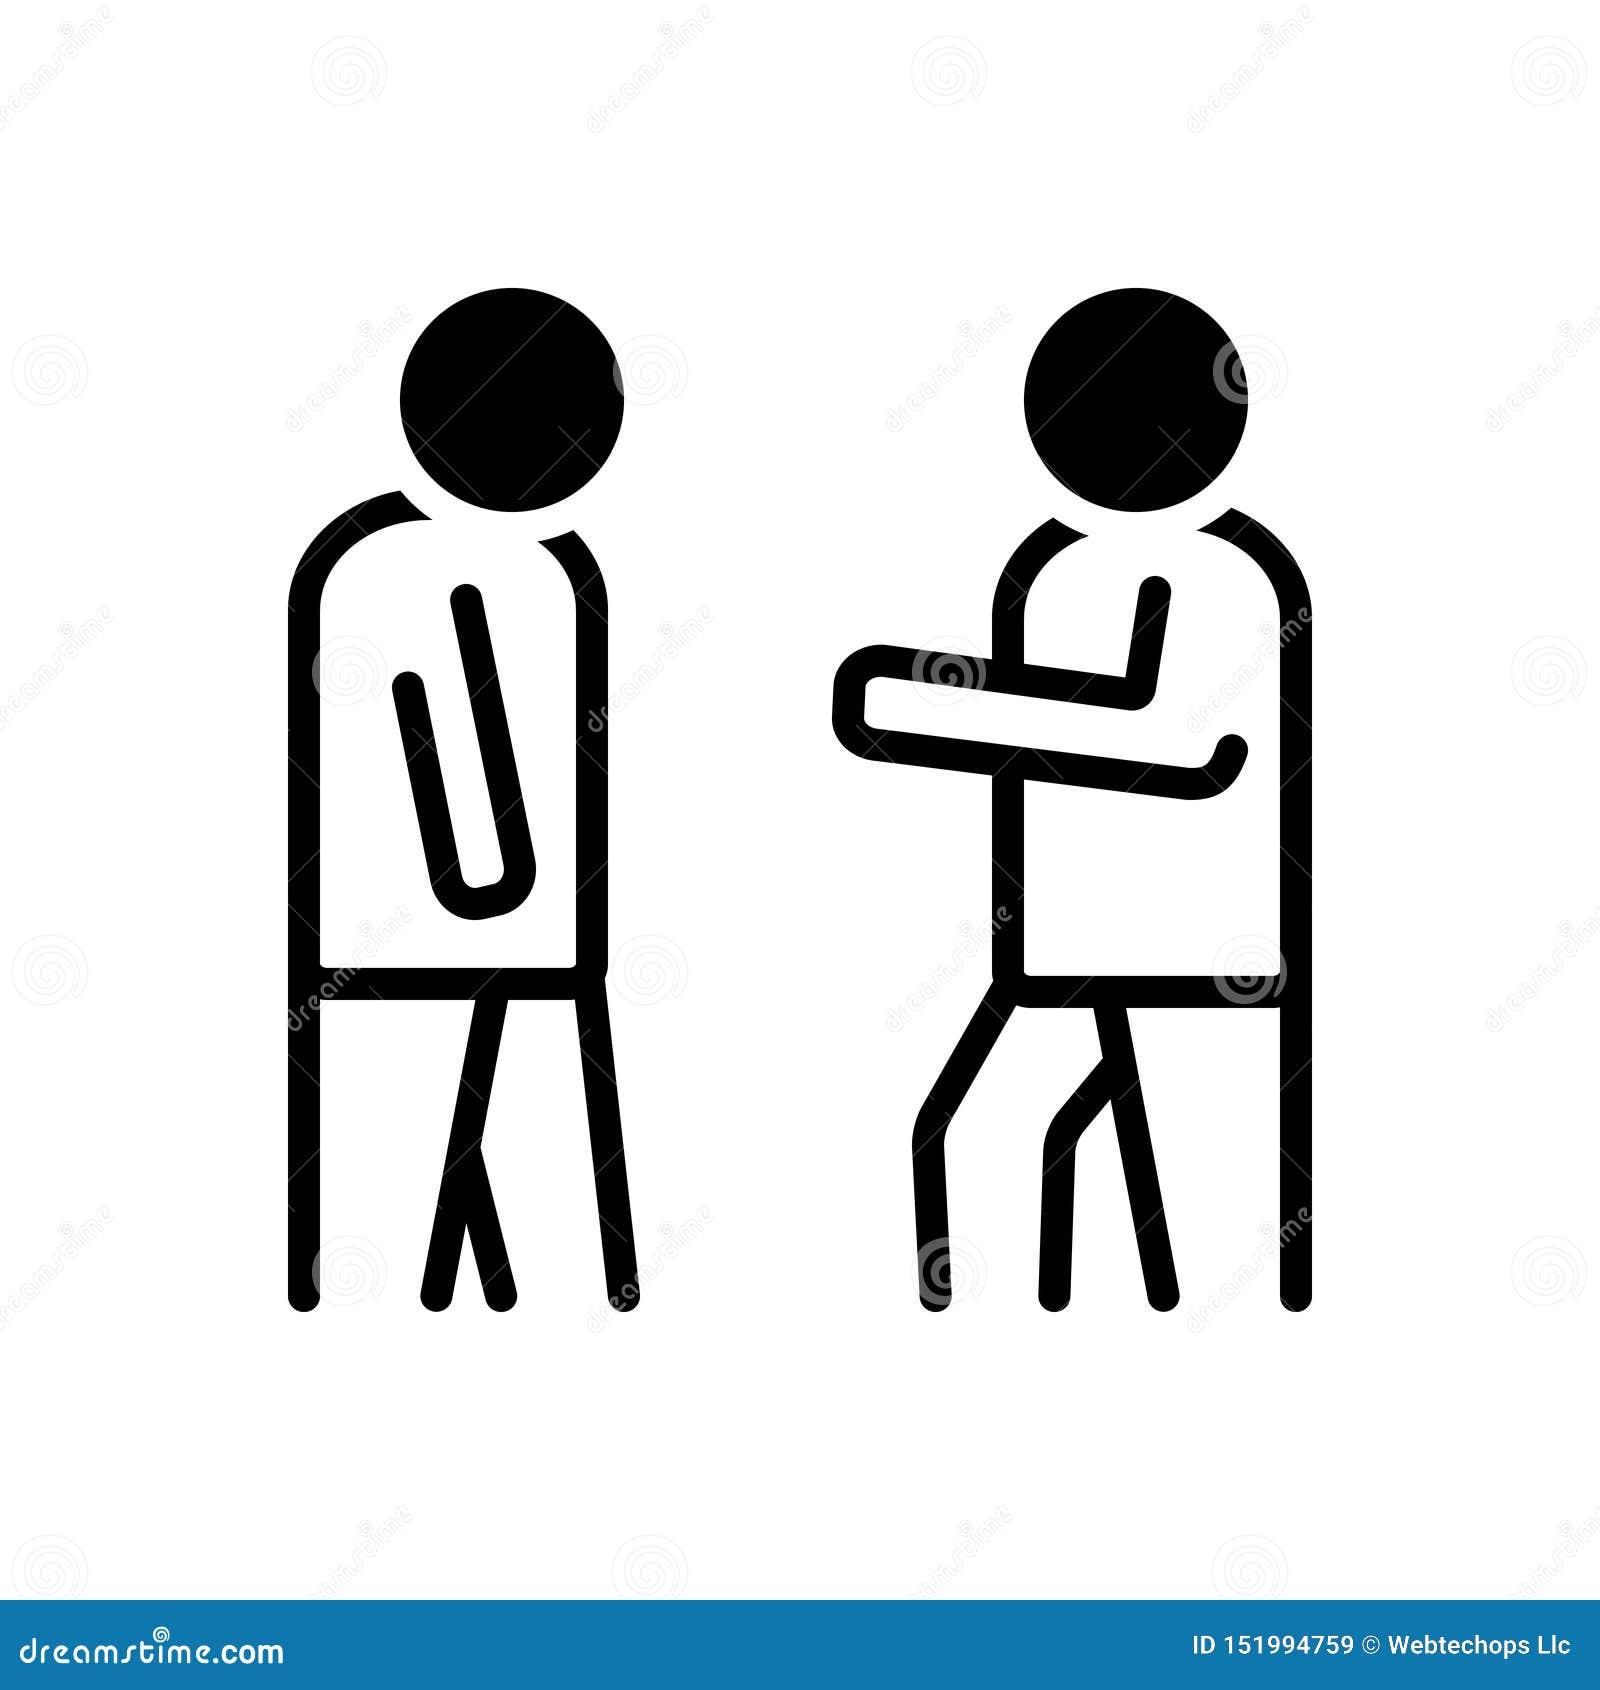 Μαύρο στερεό εικονίδιο για Obey, την υπακοή και την εμμονή